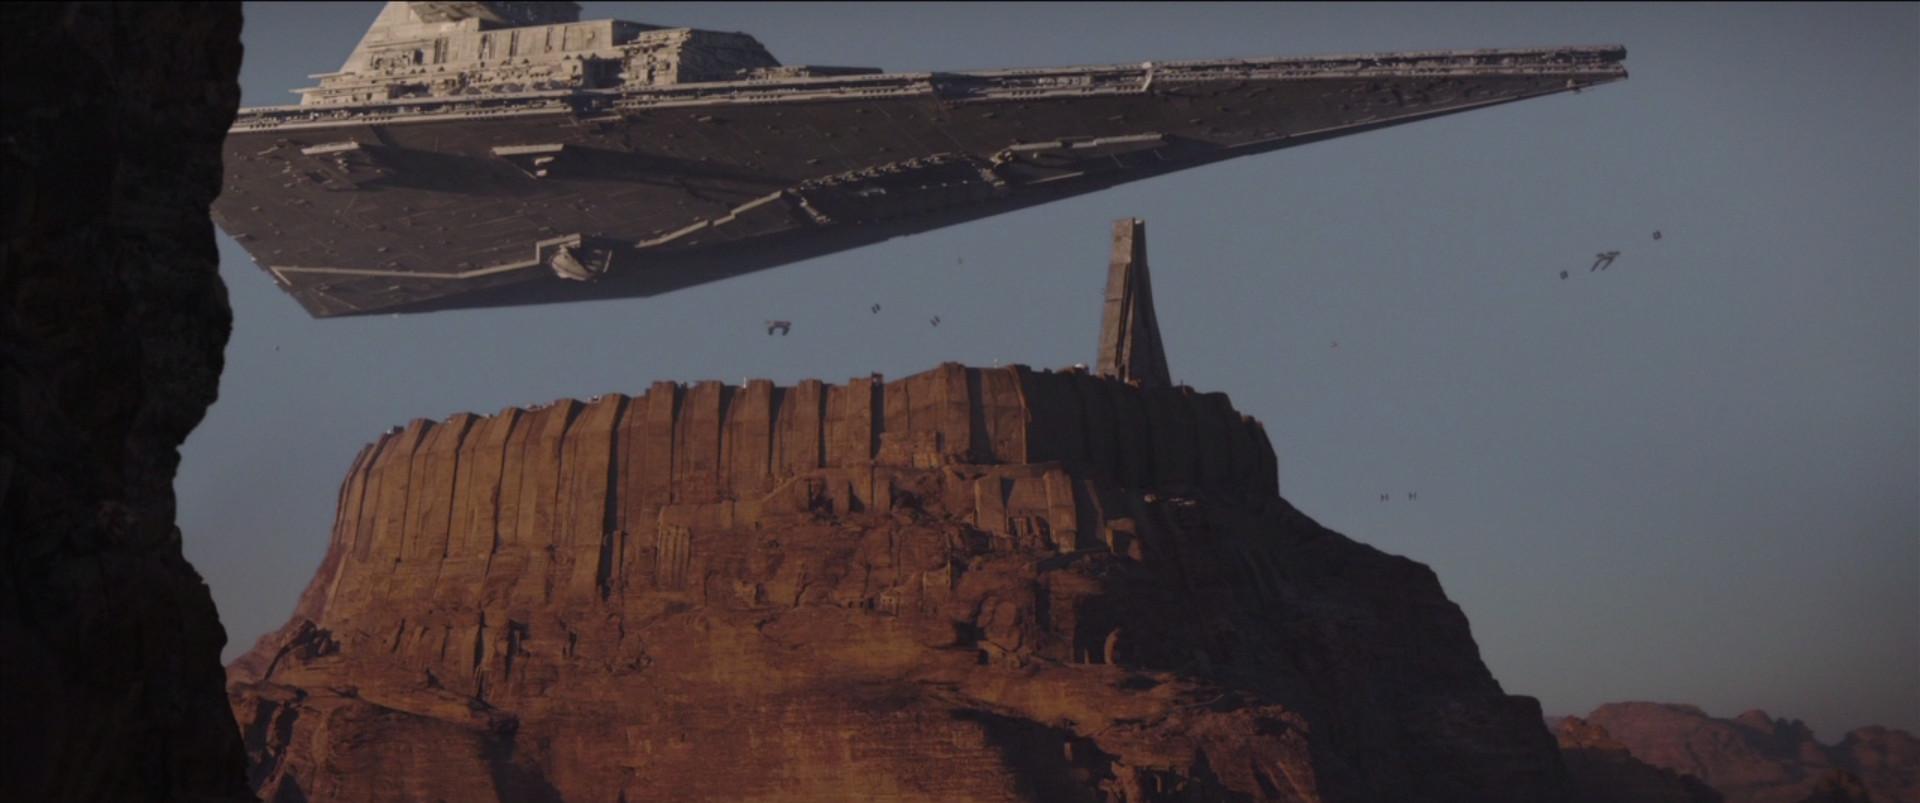 (Star Destroyer